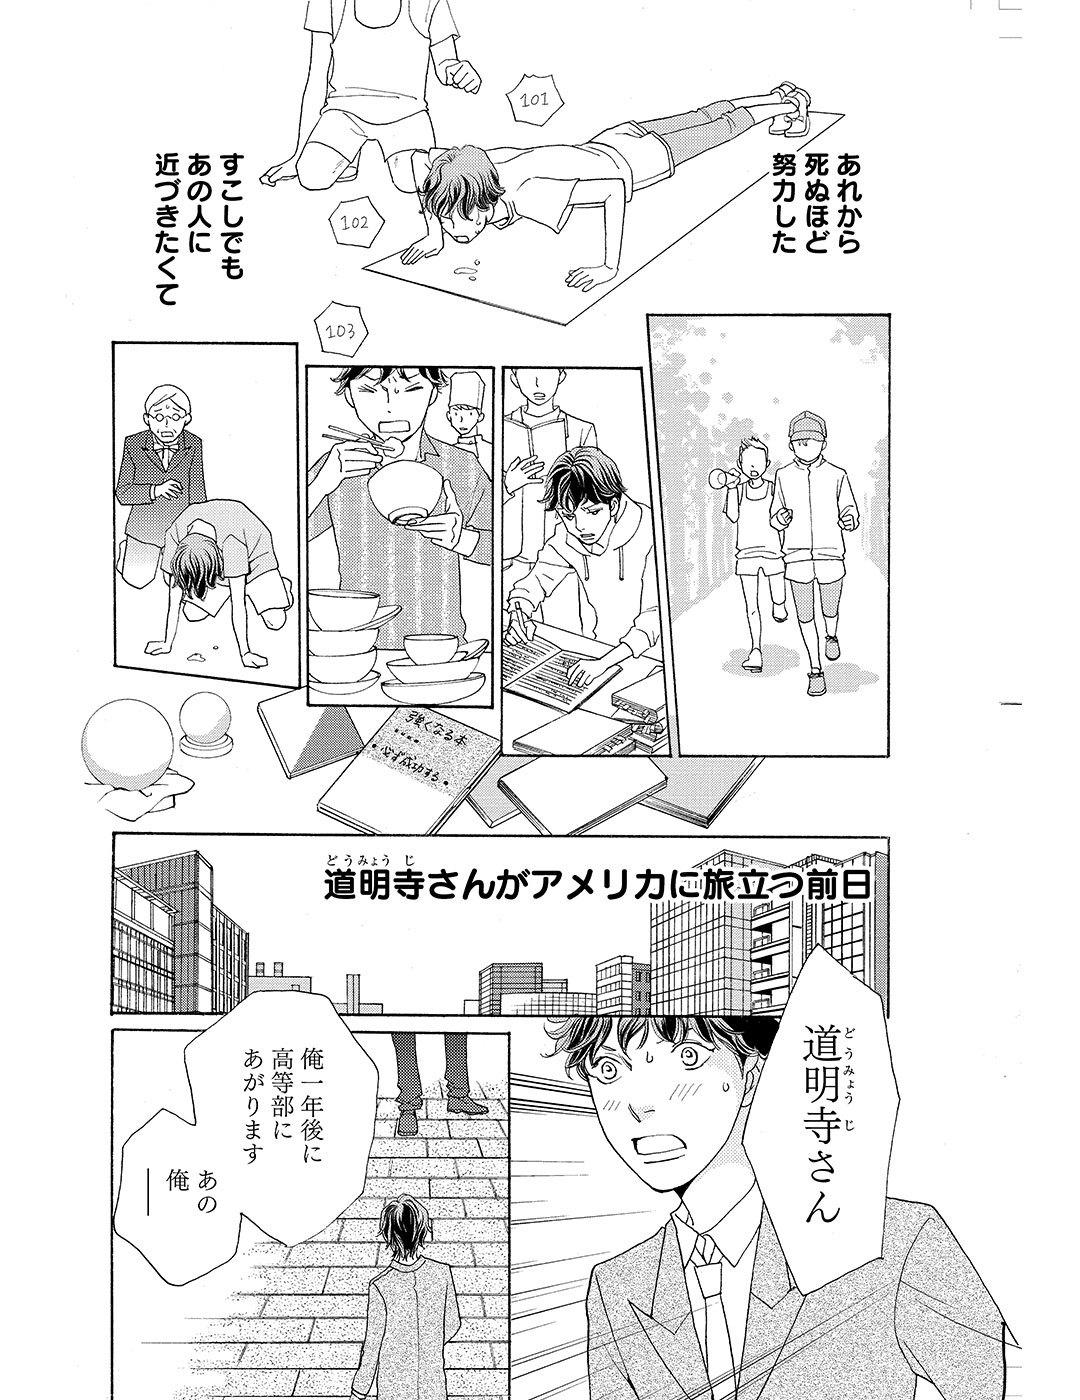 花のち晴れ 第1話|試し読み_1_1-60